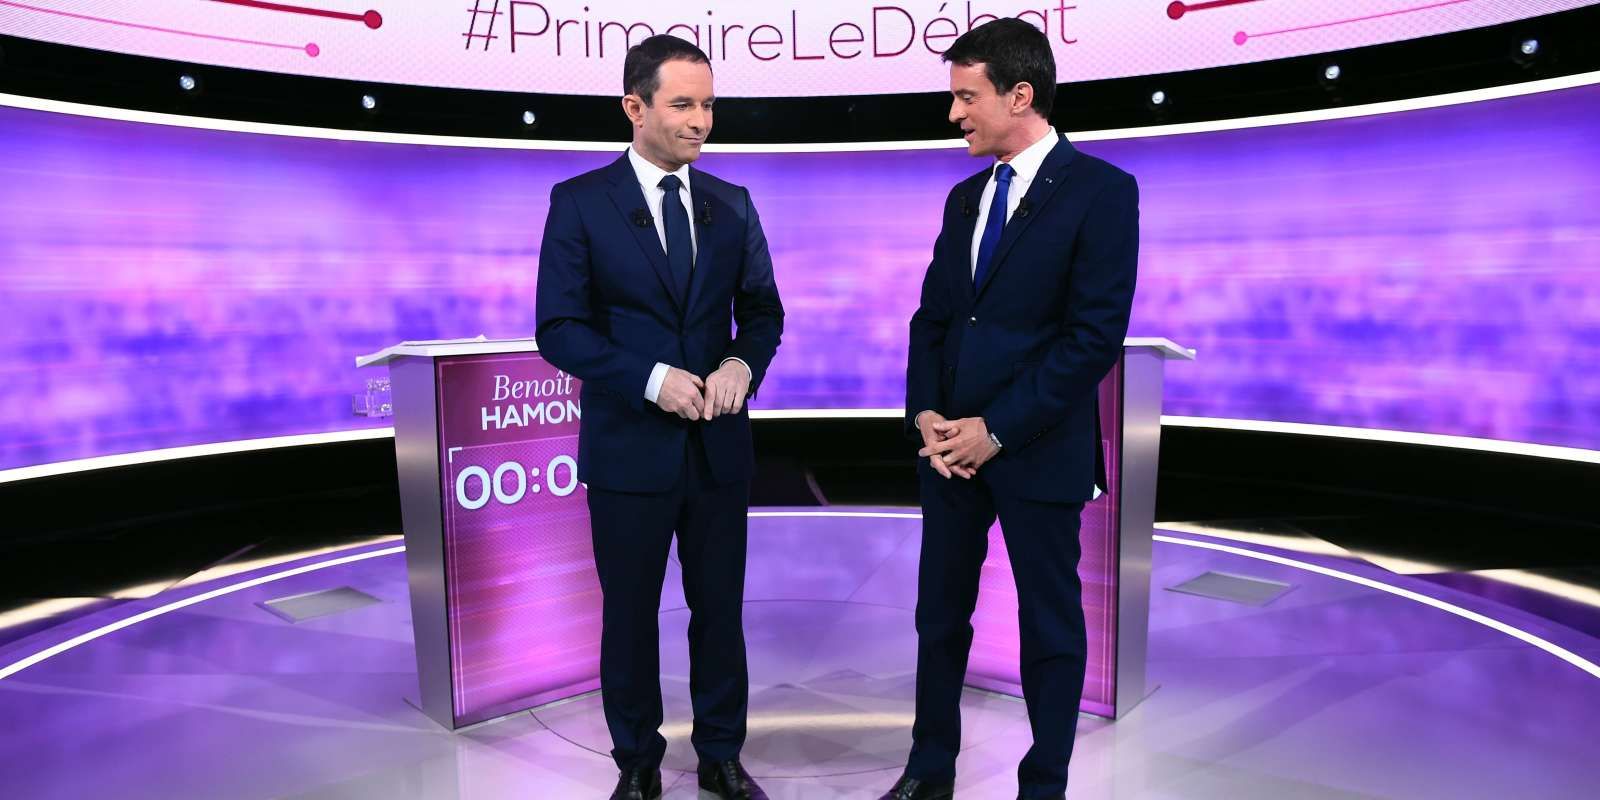 Les deux finalistes de la primaire à gauche,Benoît Hamon et Manuel Valls, se retrouvent pour une ultime confrontation, mercredi soir, dans une campagne qui s'est considérablement tendue dans l'entre-deux-tours.